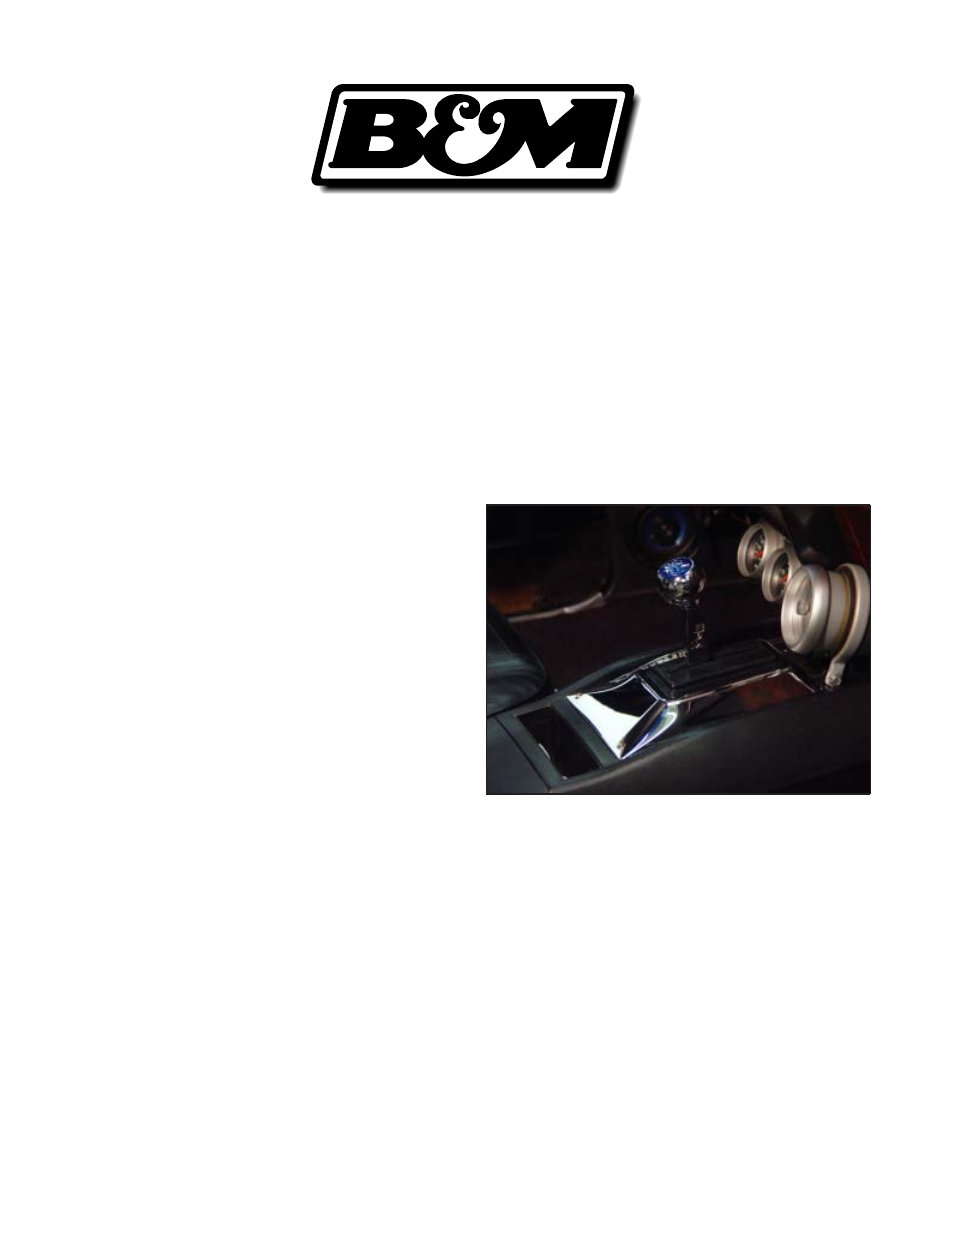 b&m quicksilver shifter installation instructions